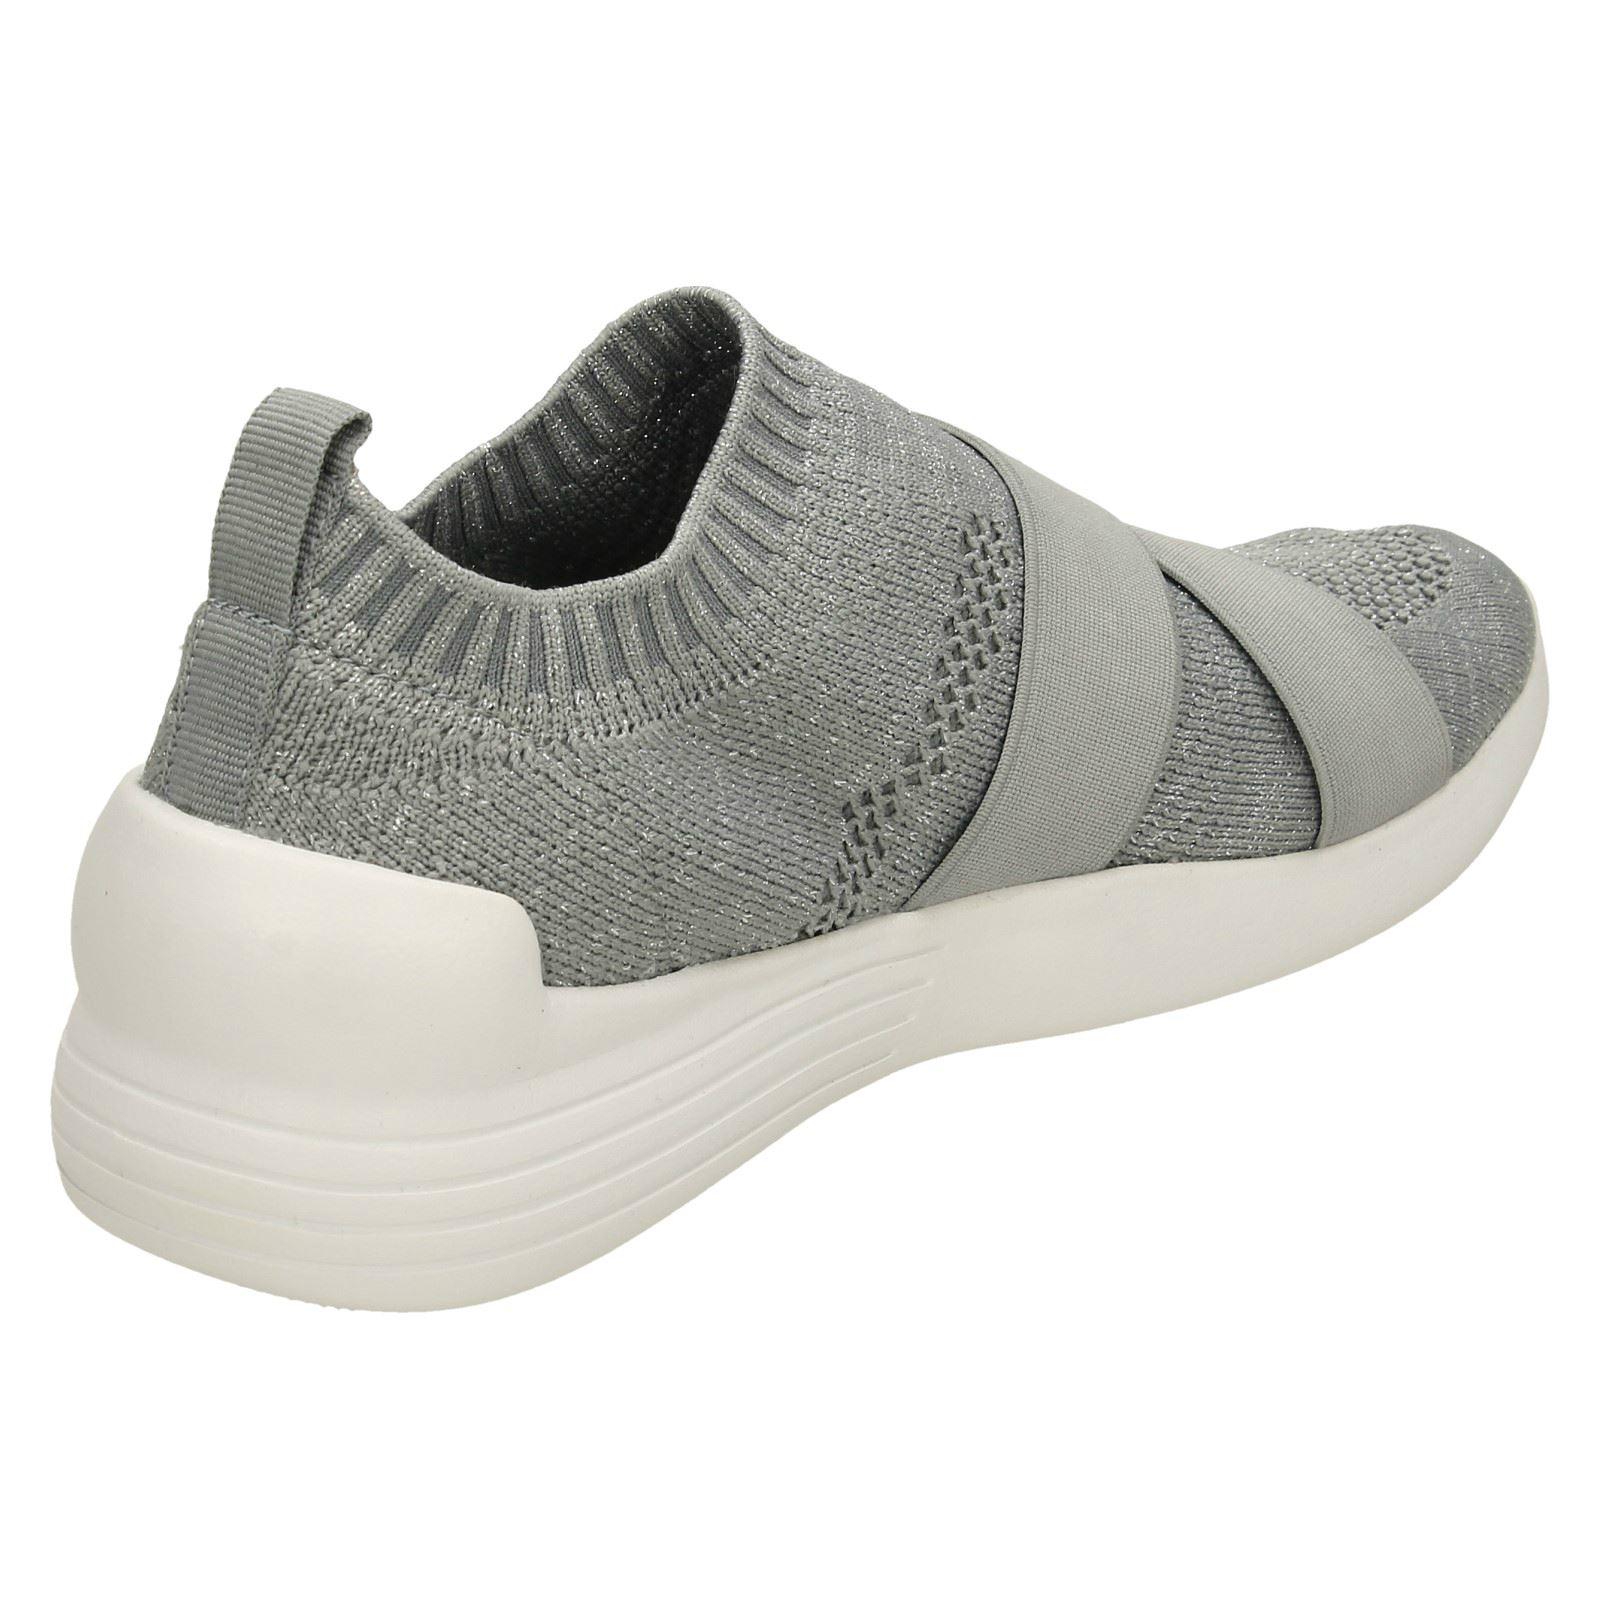 NIKE Scarpe Da Ginnastica Scarpe Da Corsa Scarpe da Donna Sneakers Trainers Jogging 4206